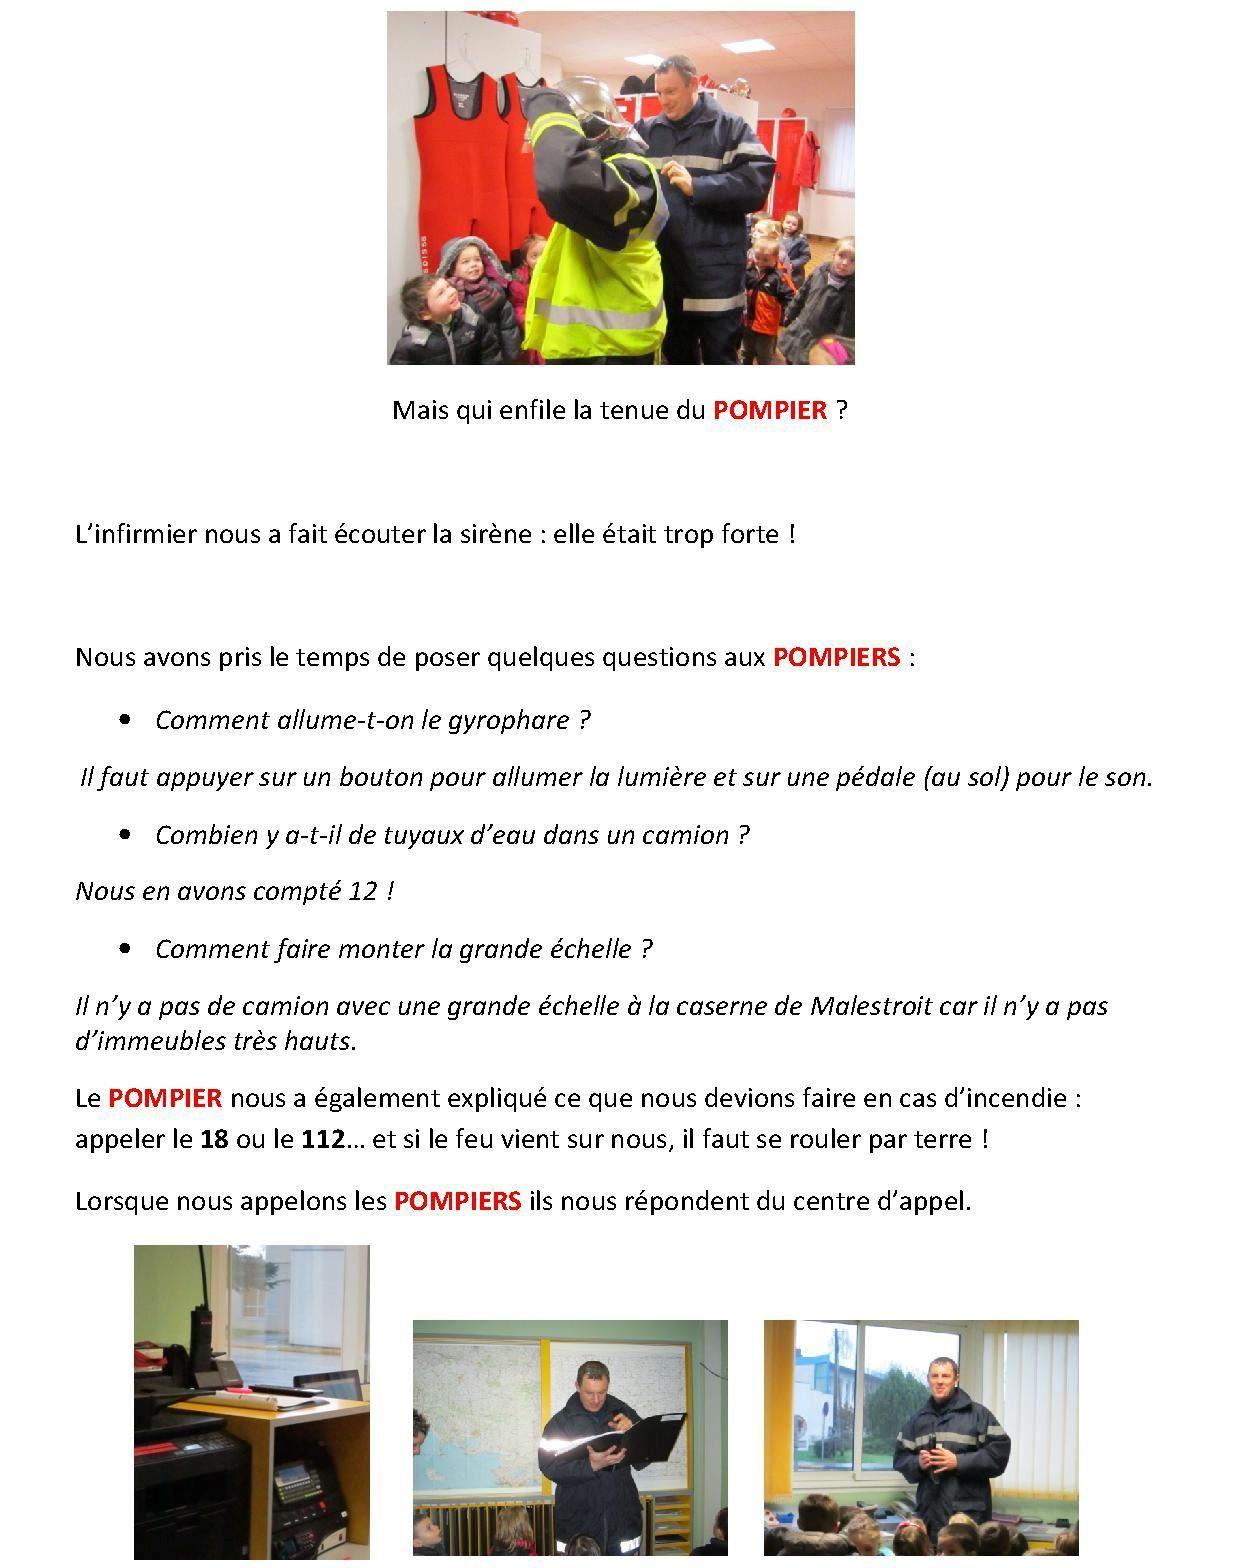 Les PS-MS racontent la sortie du 28 Janvier à la caserne des pompiers de Malestroit.